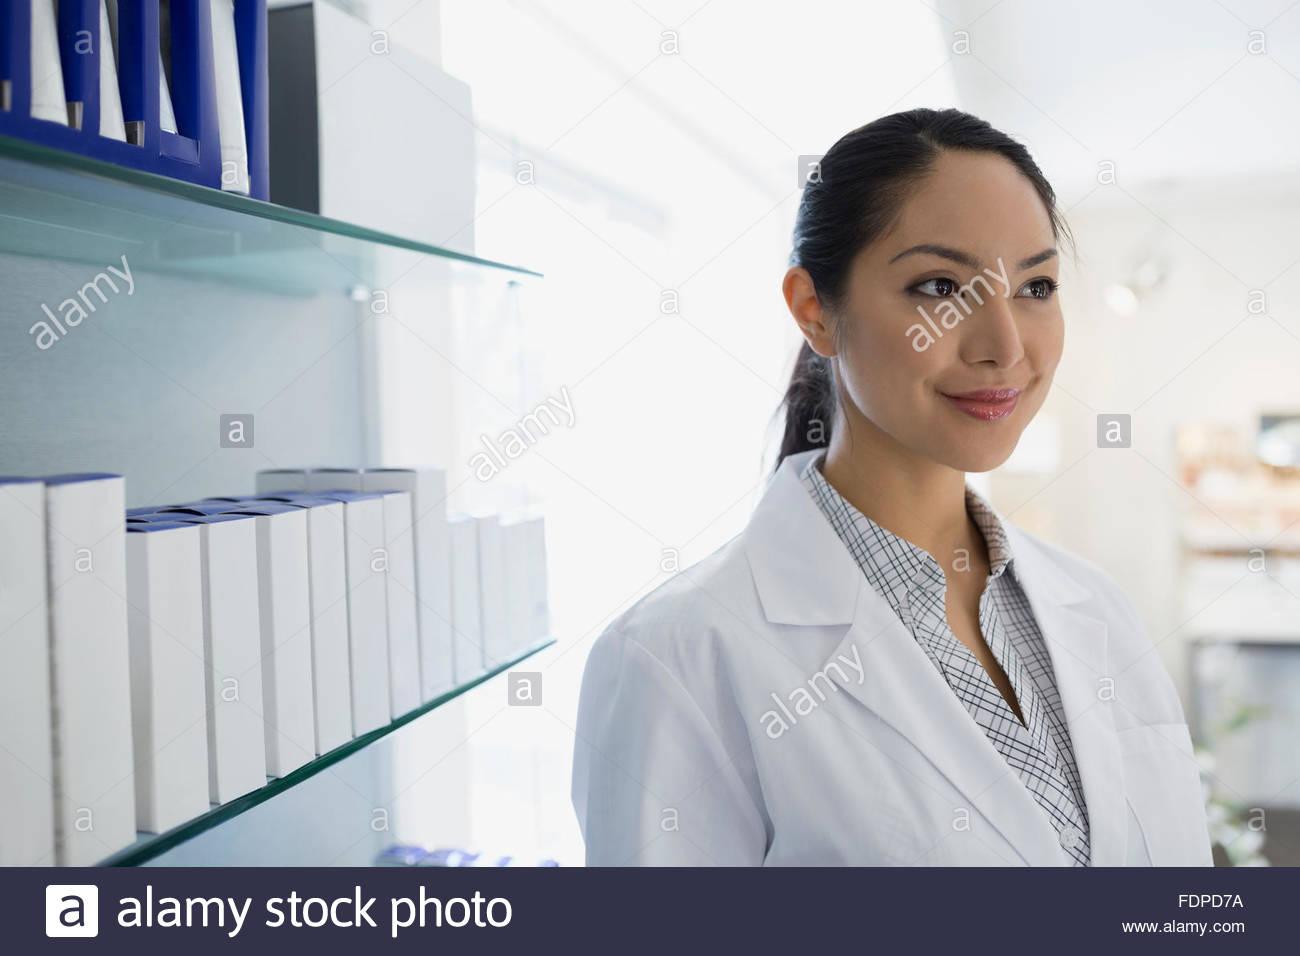 Smiling doctors office 25-29 ans esthéticien Photo Stock